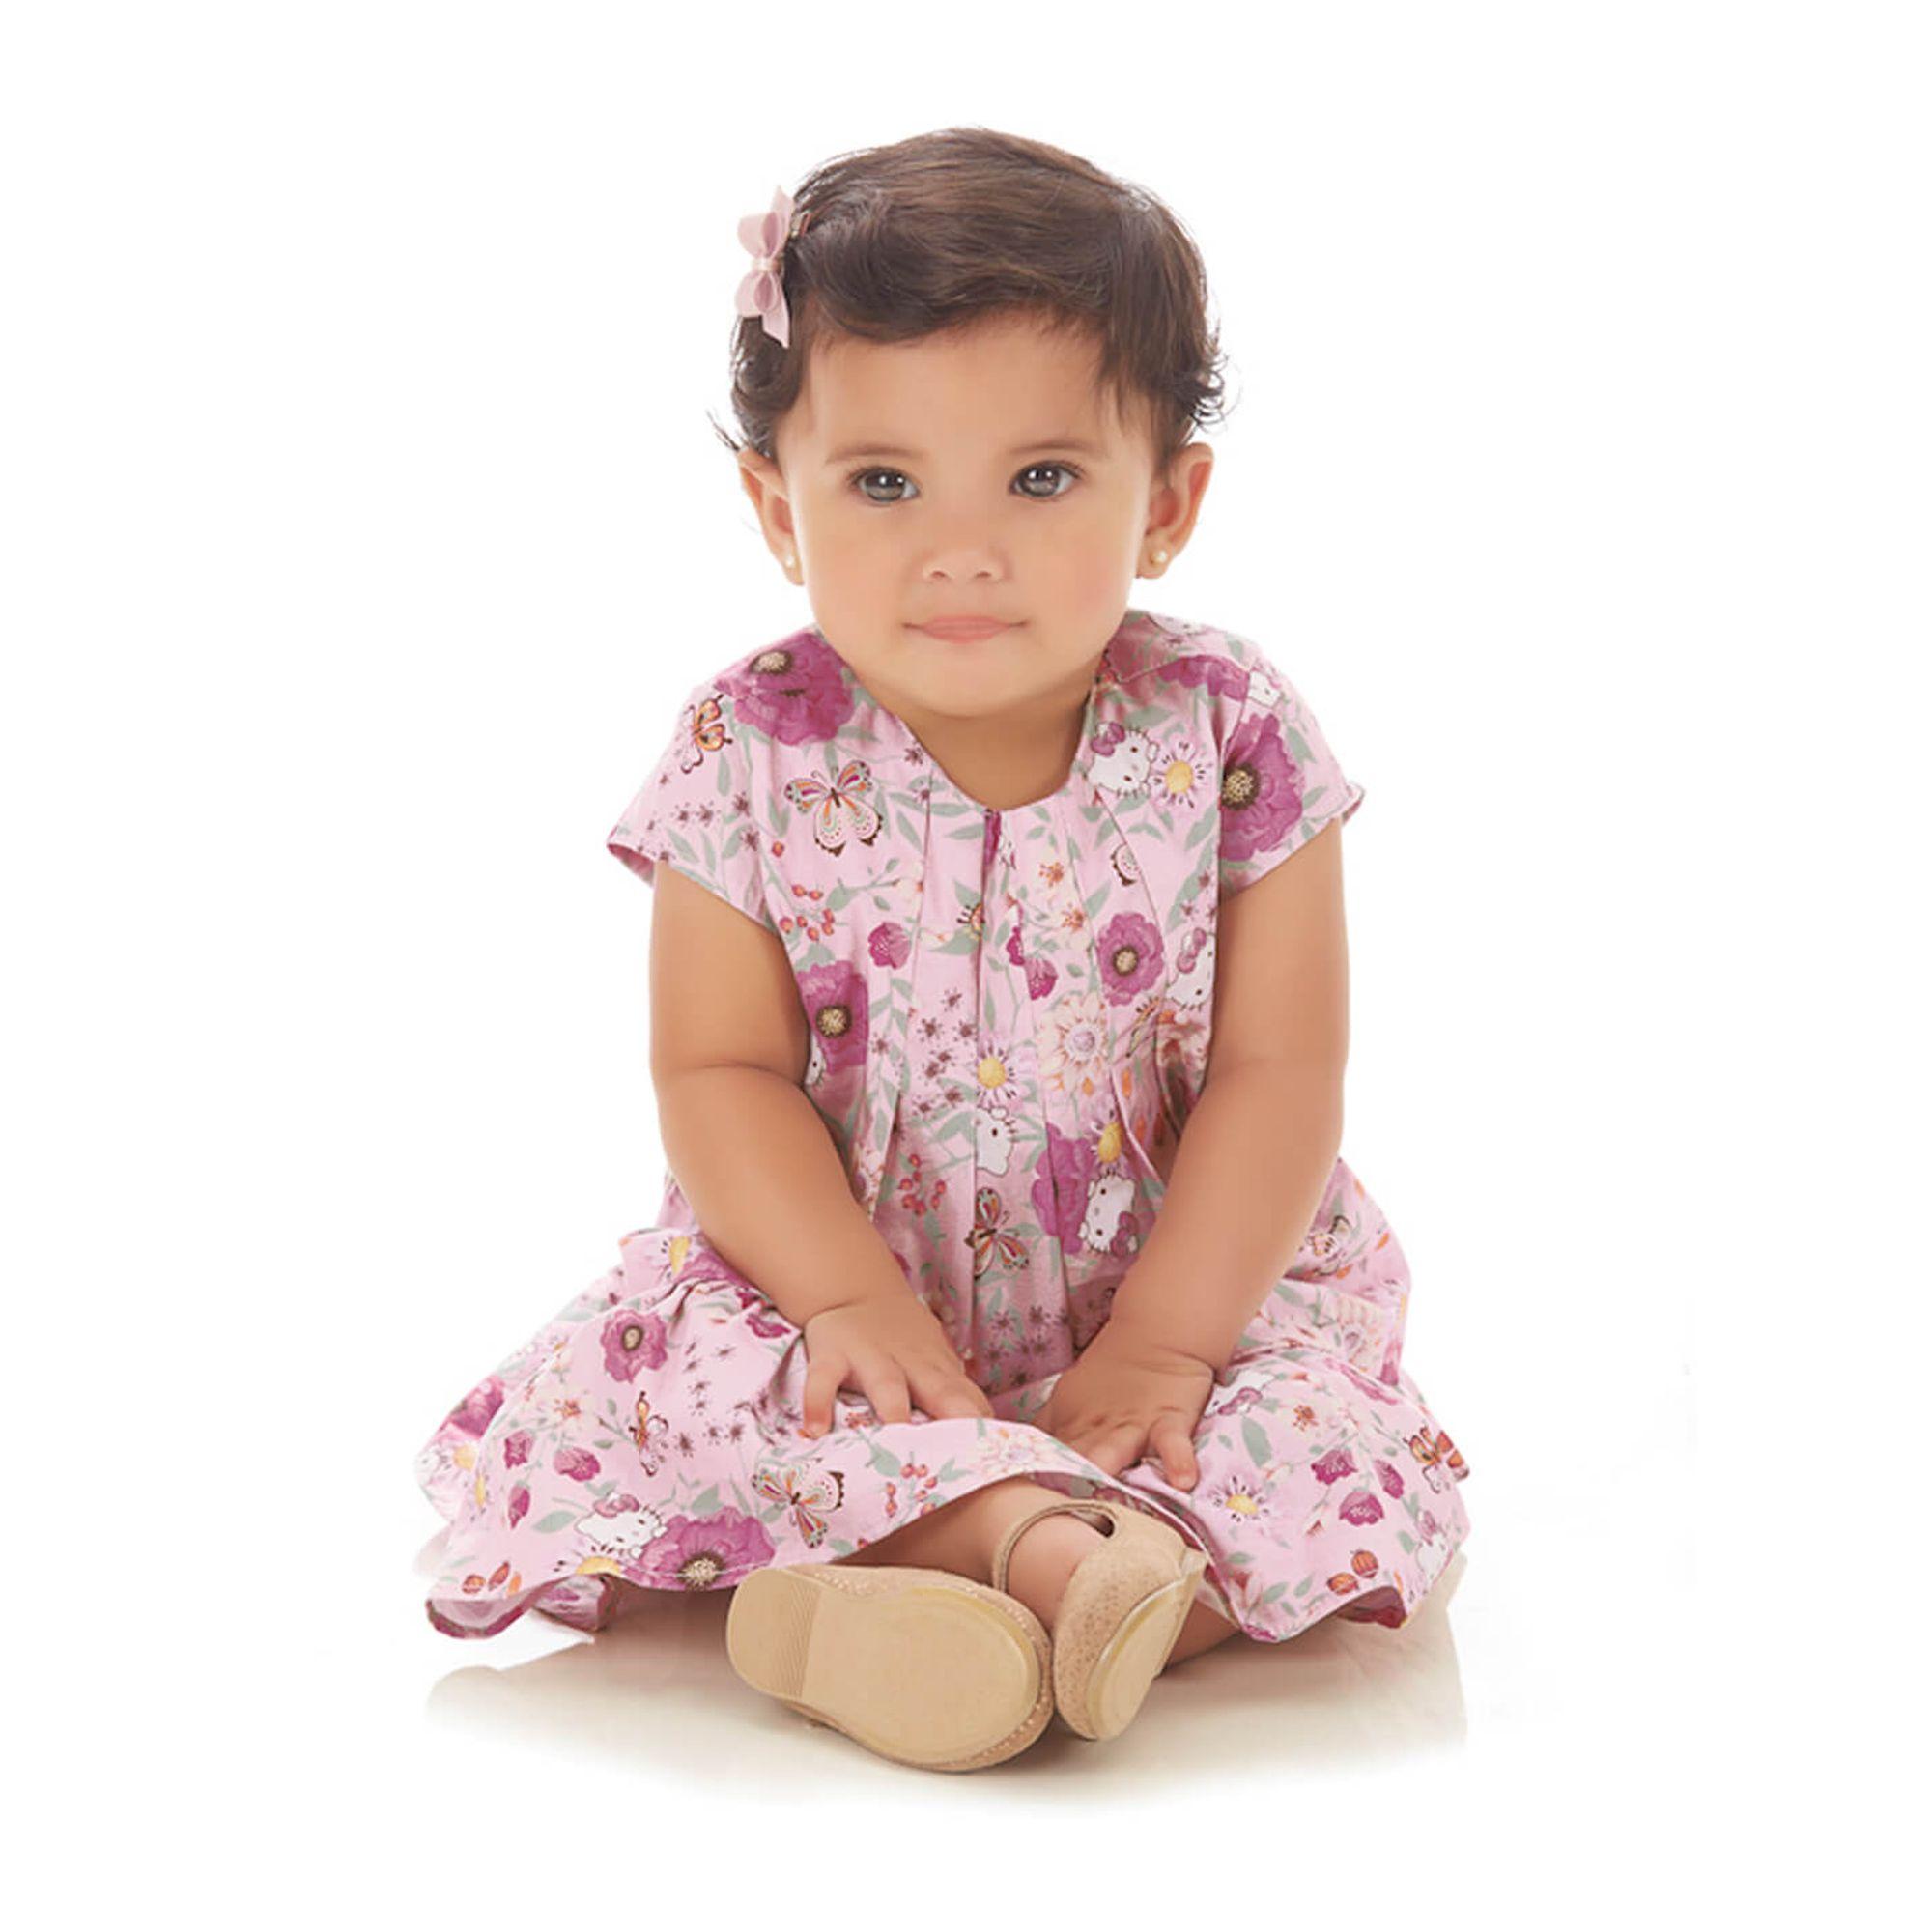 vestido-bebe-rosa-flores-e-borboletas-hello-kitty